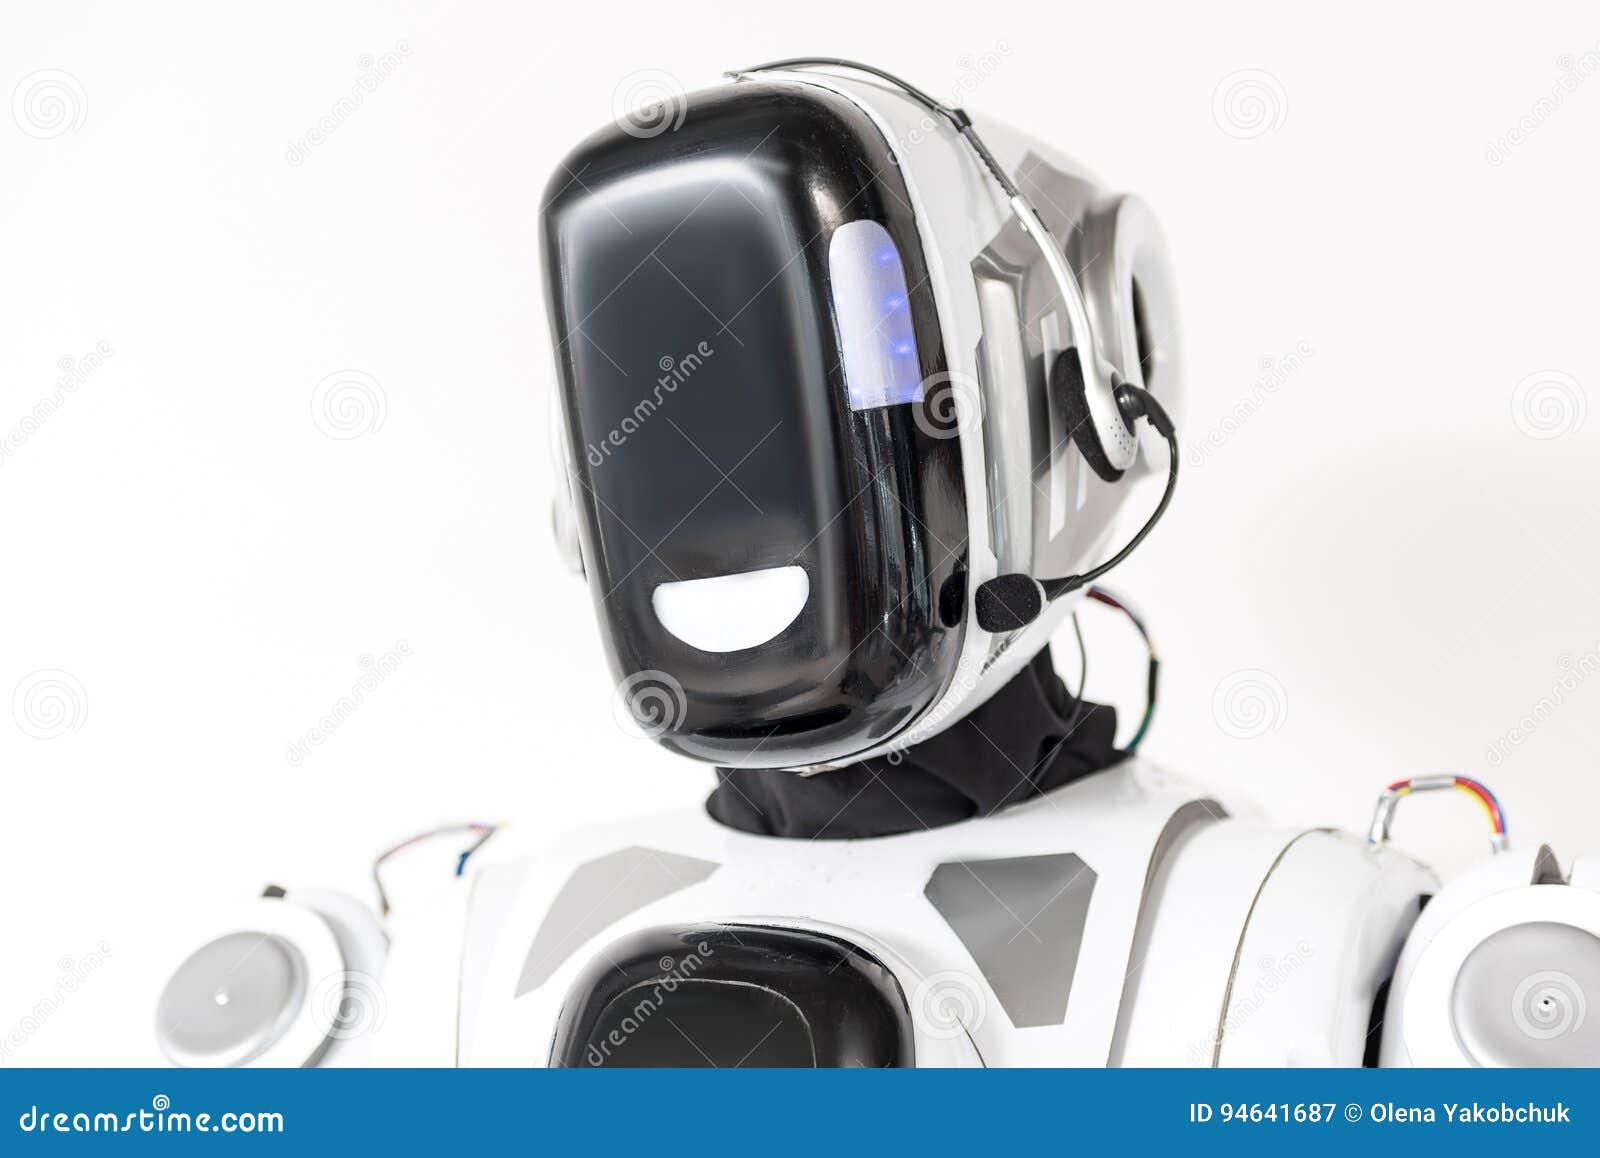 O robô grande está vestindo auriculares